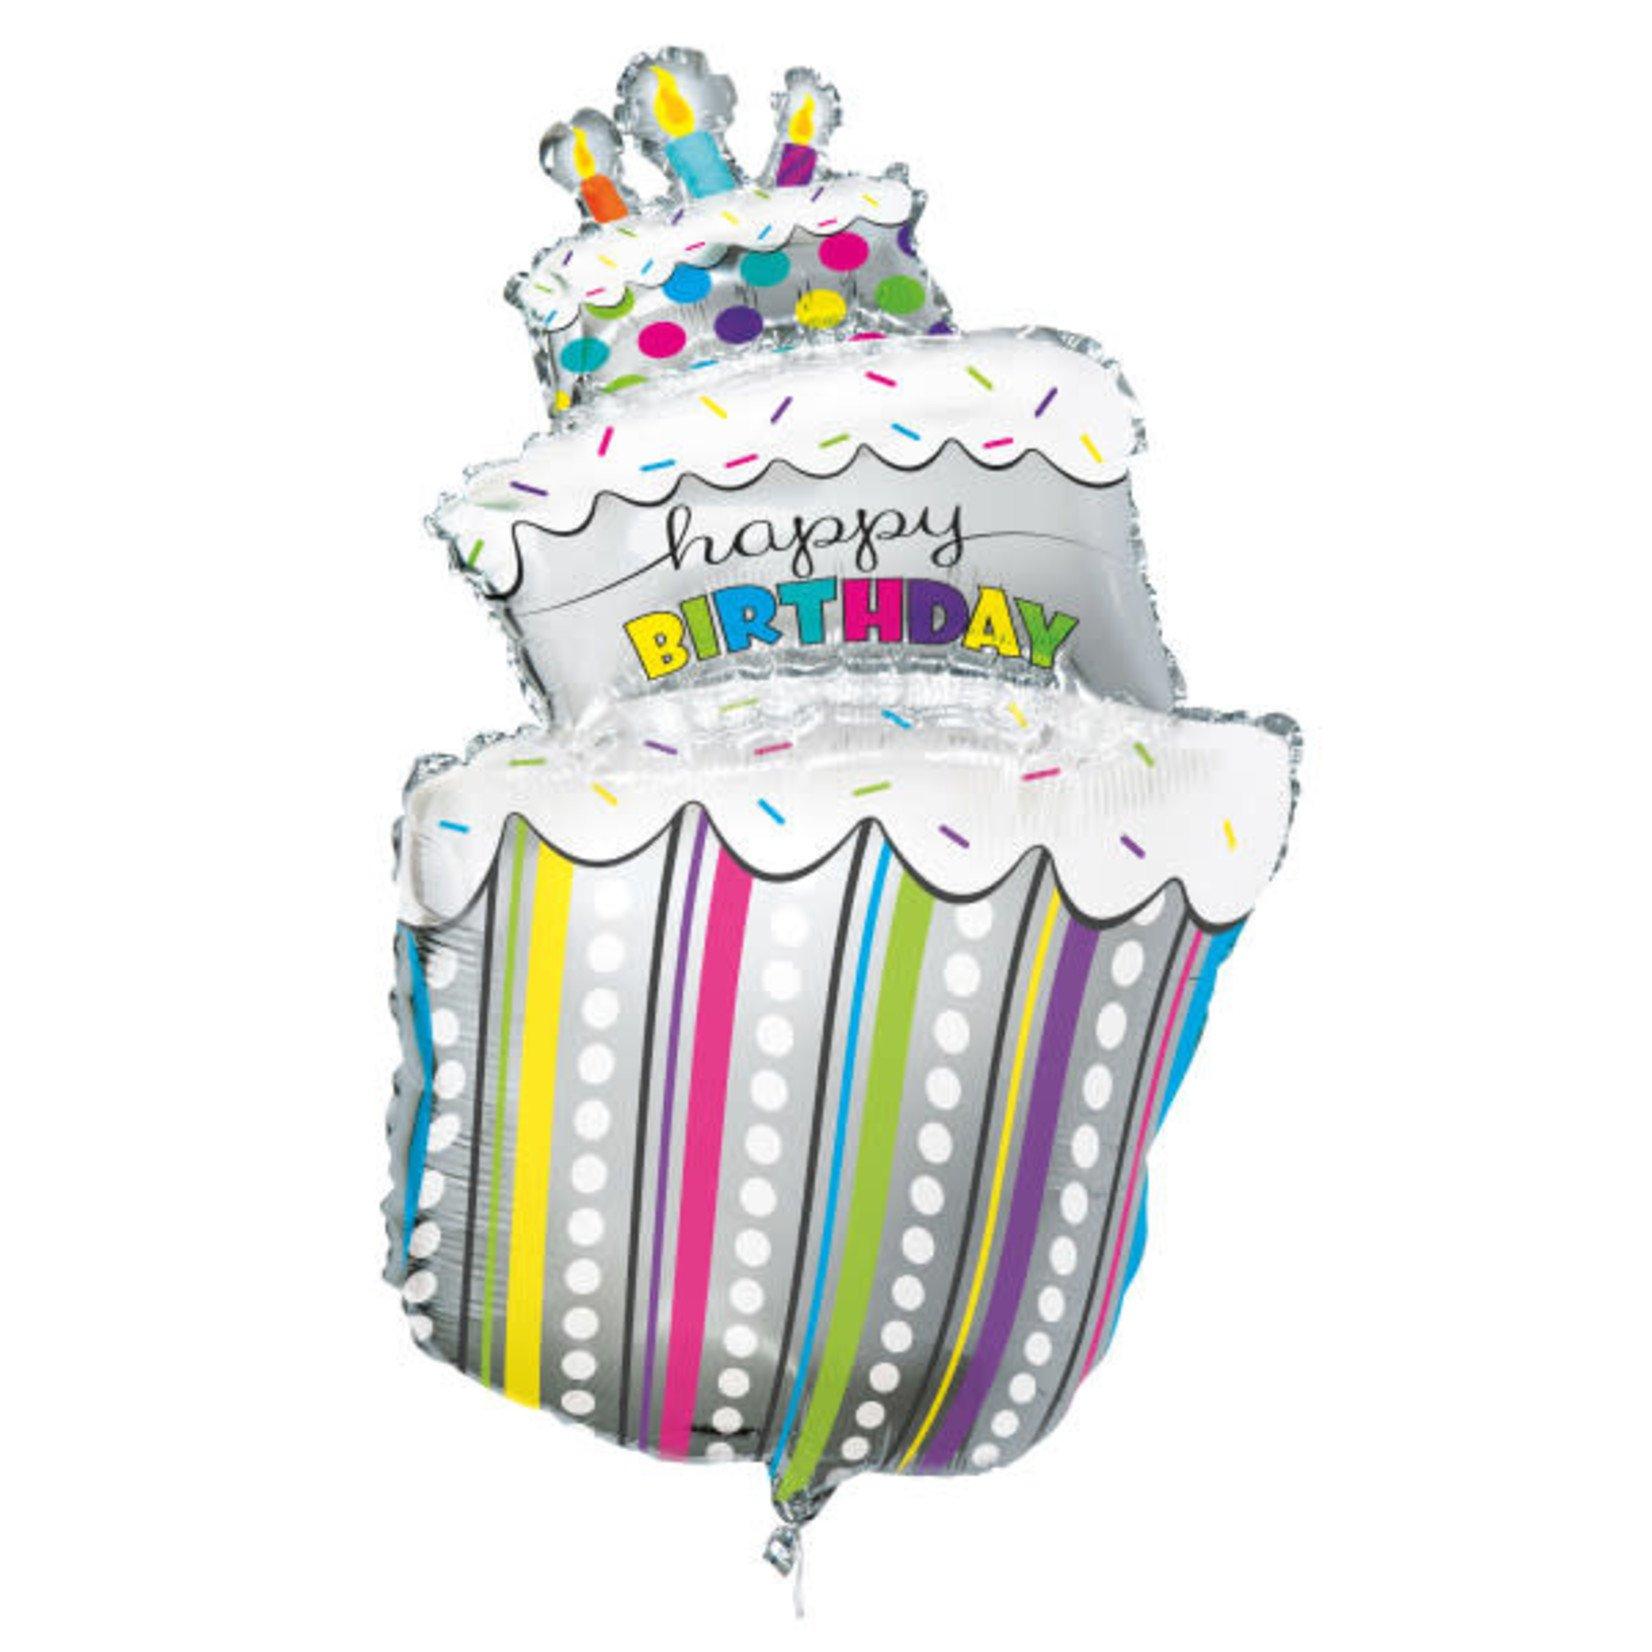 40'' GIANT BD CAKE BALLOON